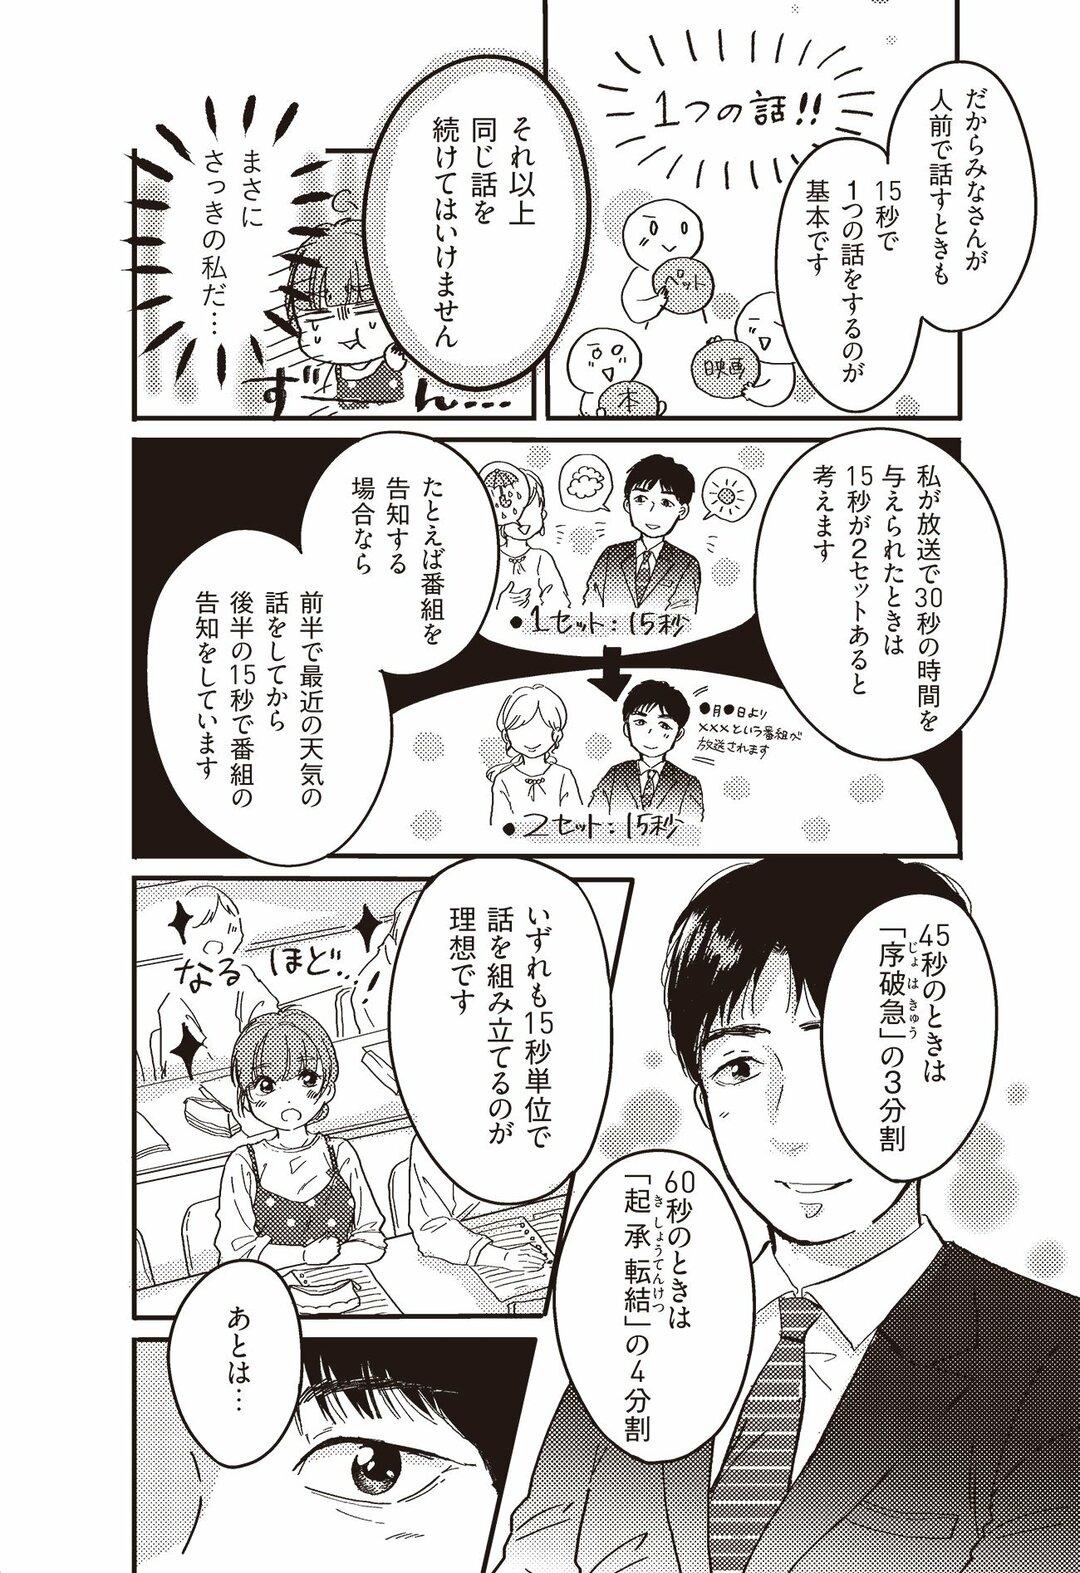 齋藤孝教授と安住紳一郎アナが教える<br />「わかりやすく話してみよう」(3)